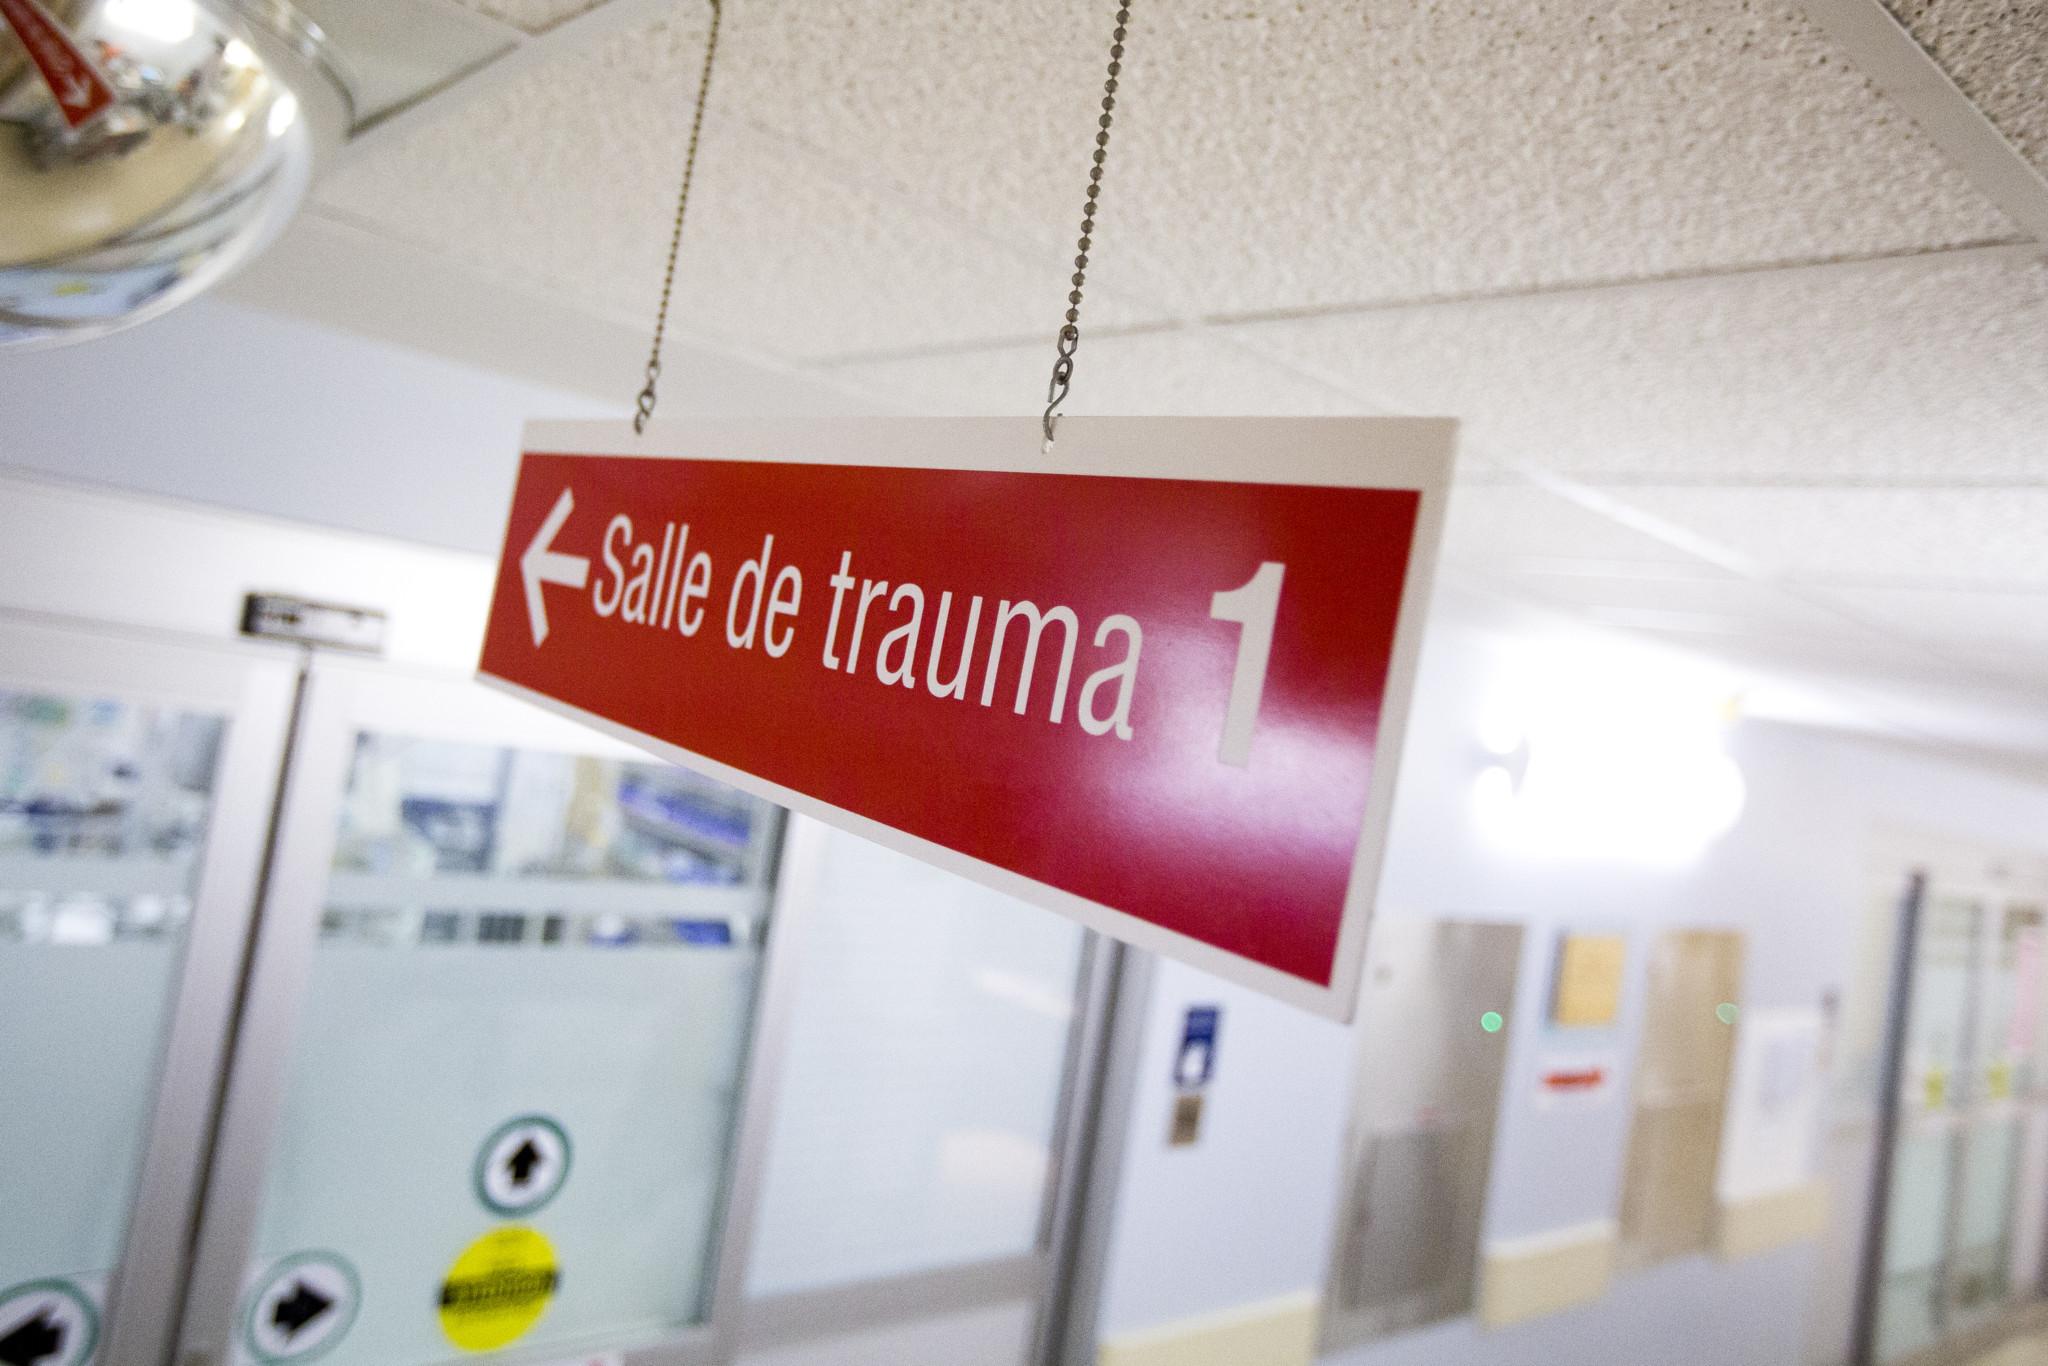 Trauma Sainte Justine